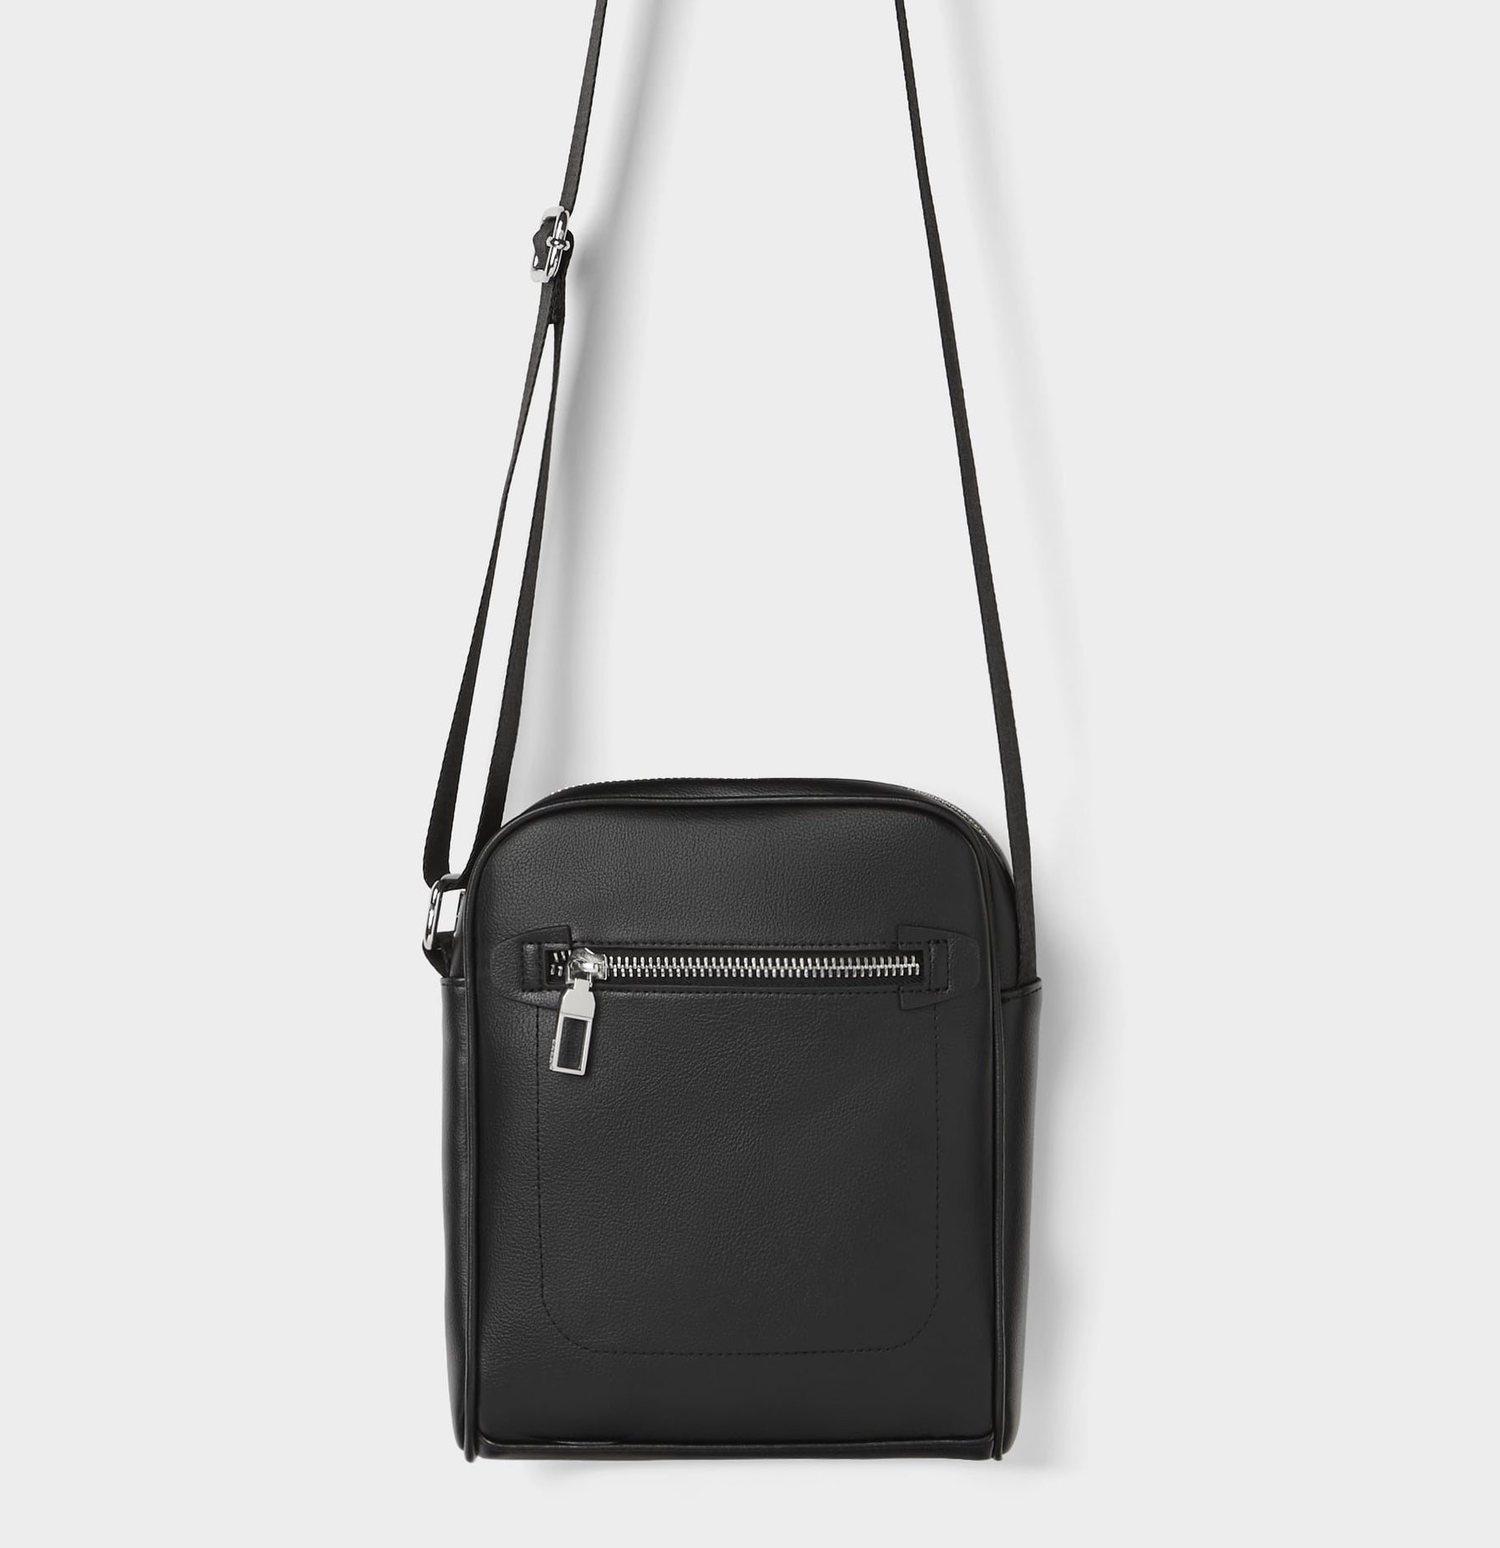 Bandolera negra cuadrada de Zara.